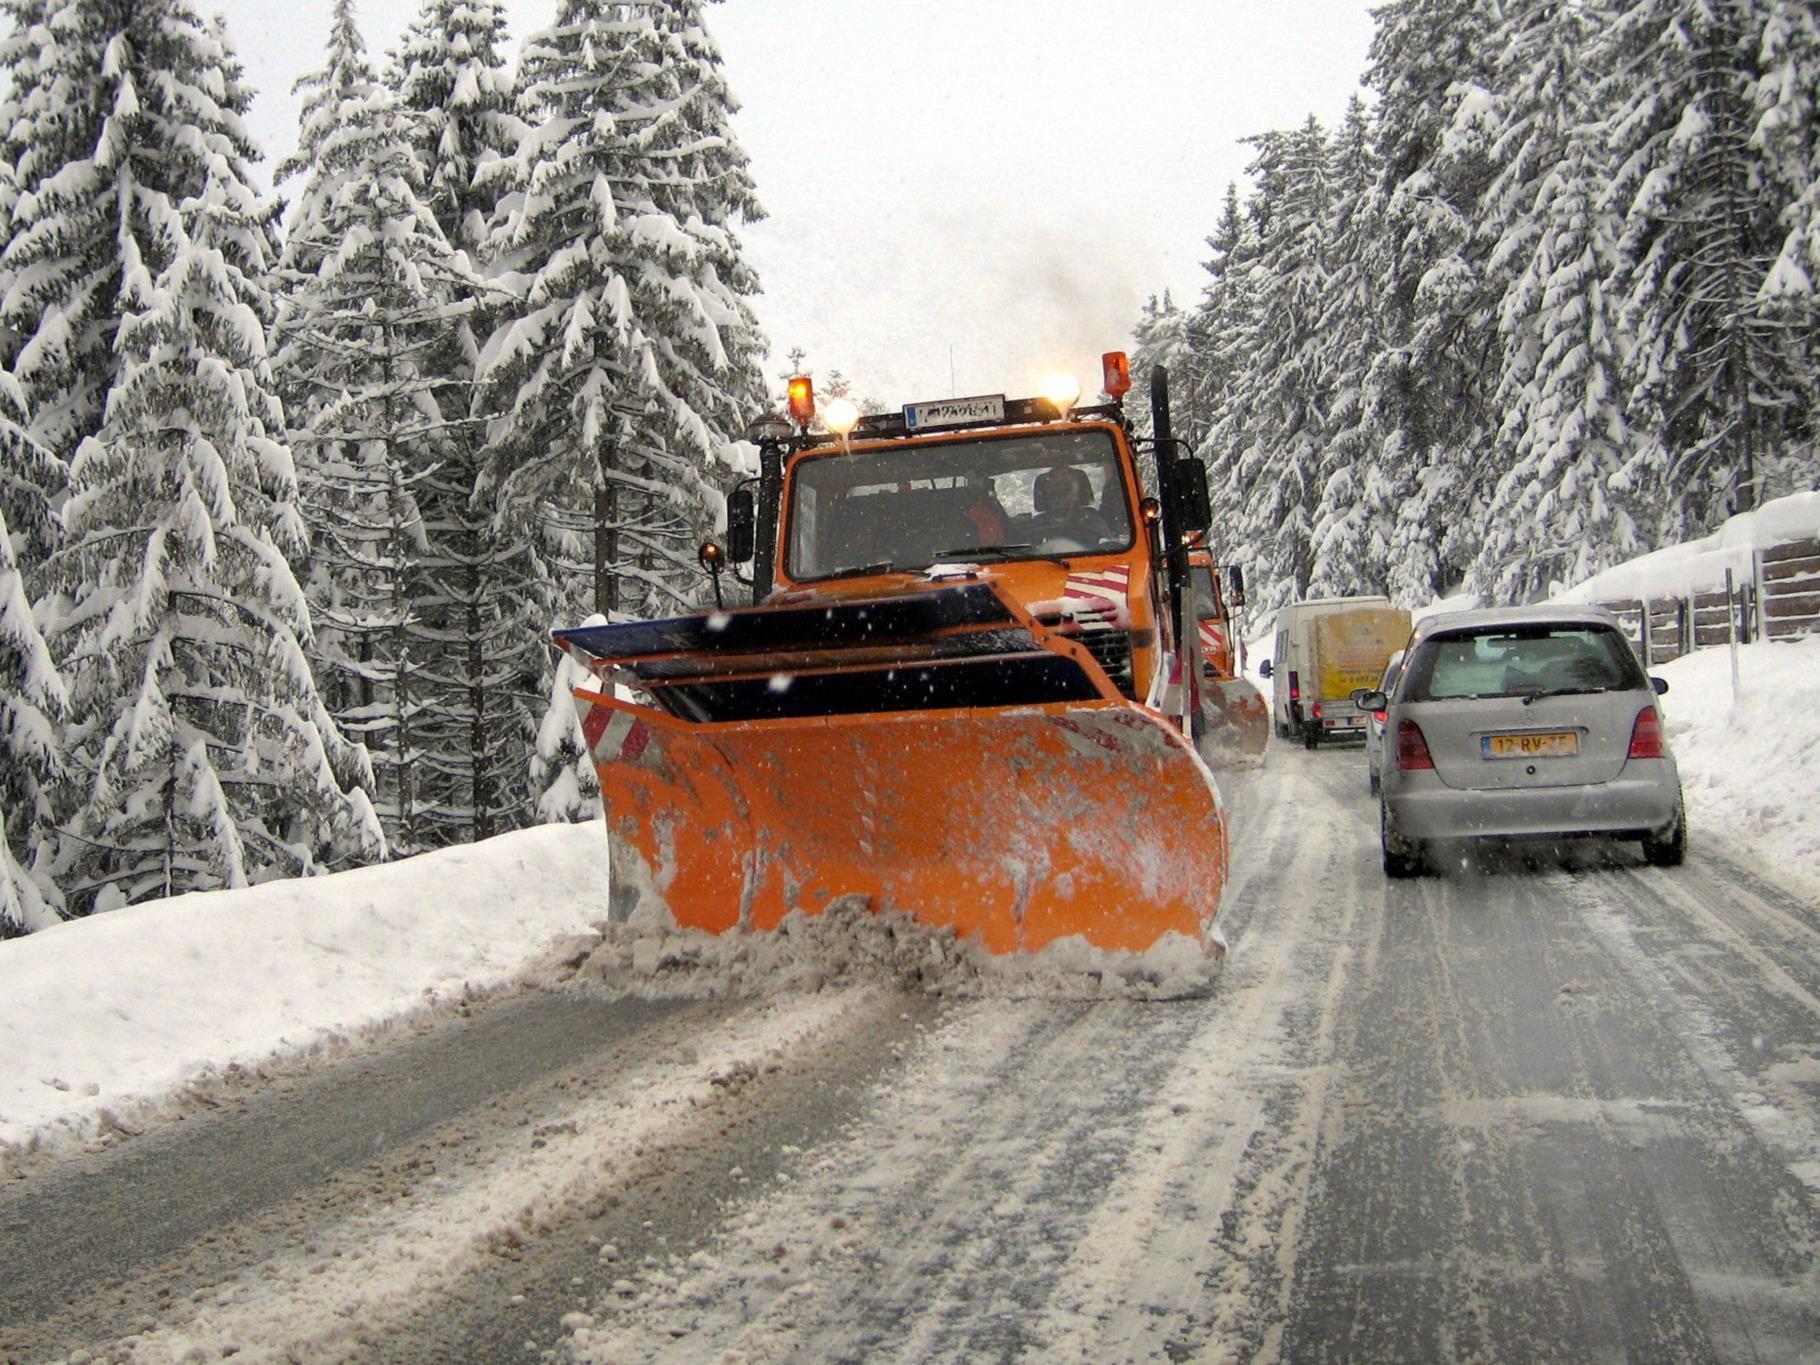 VCÖ rät zur Vorsicht bei winterlichen Fahrbahnverhältnissen.